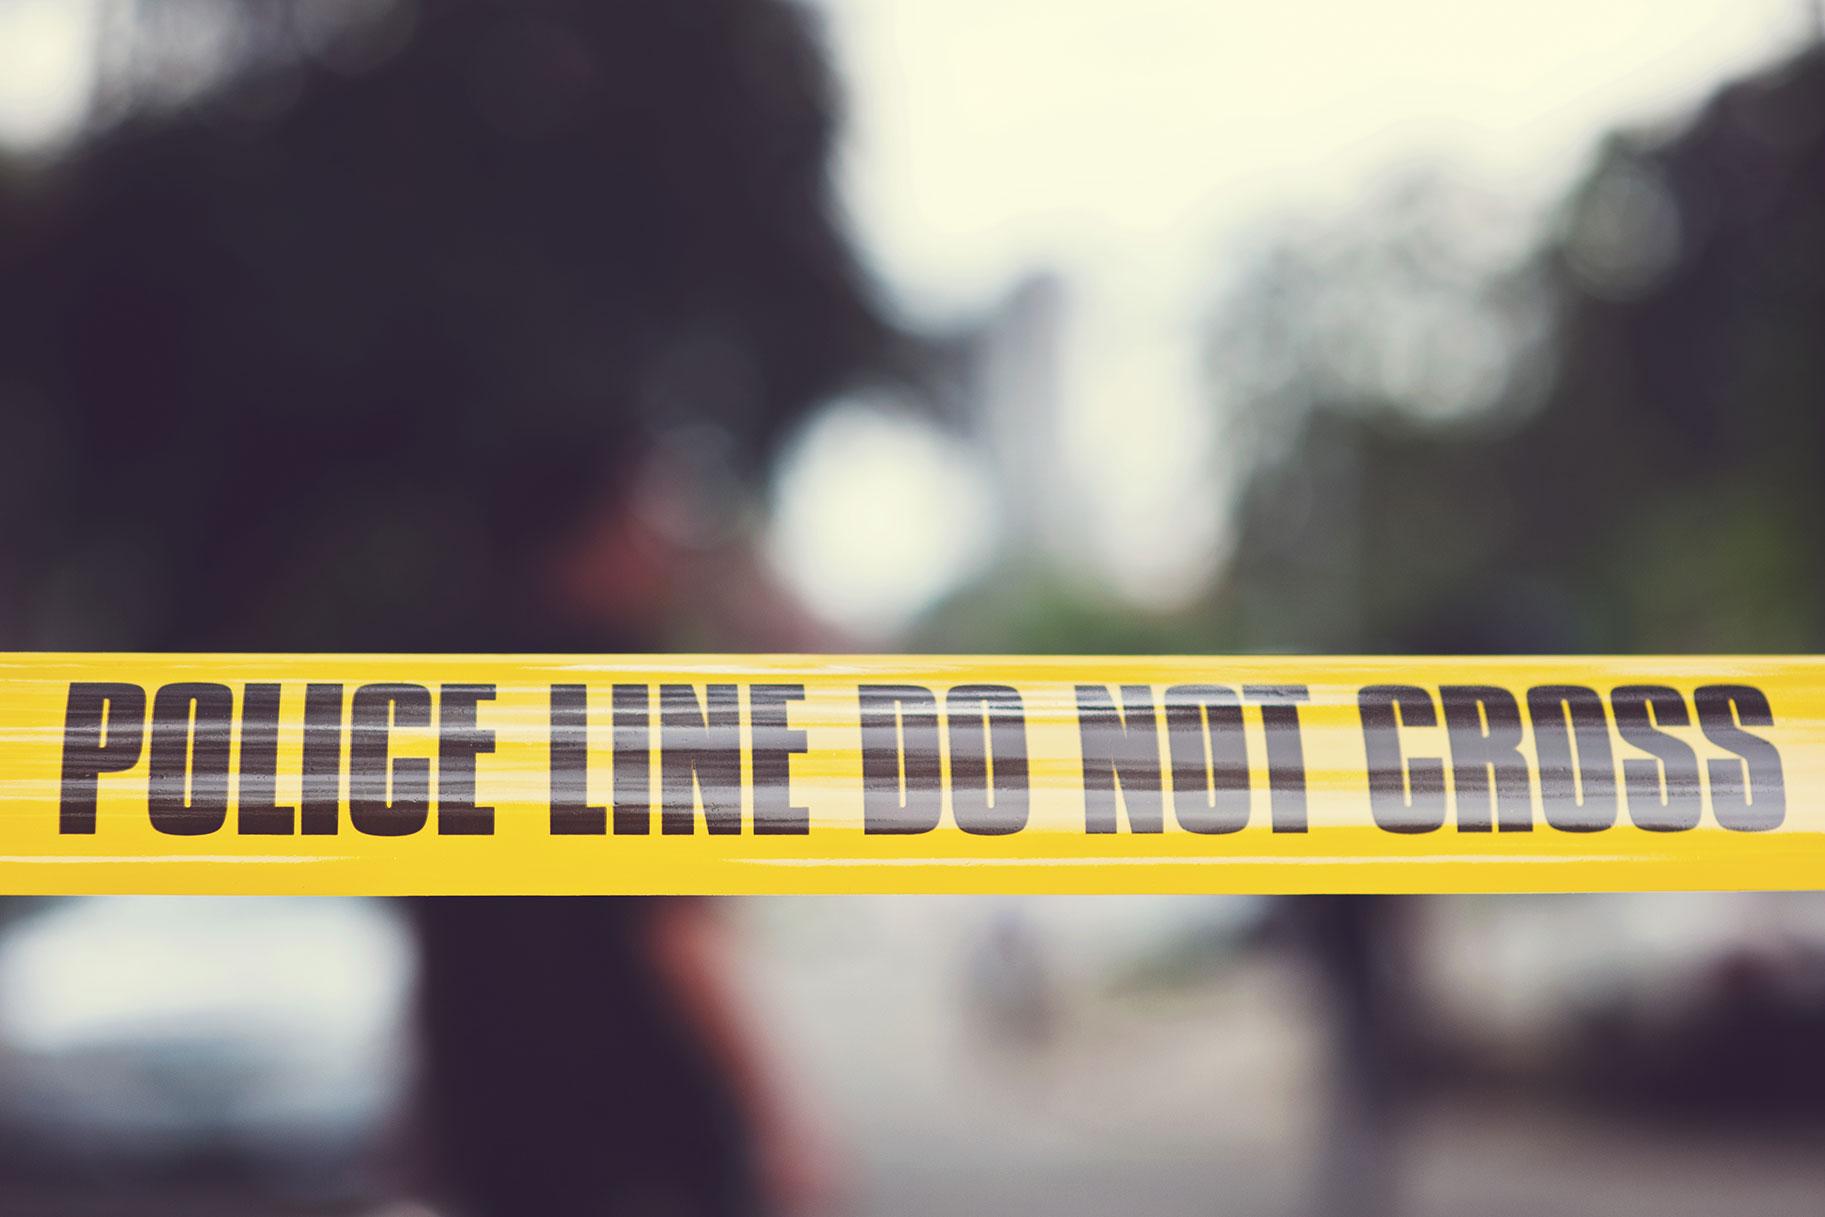 76 வயதான ஆசிய-அமெரிக்க பெண் தன்னை தற்காத்துக் கொள்கிறார், சான் பிரான்சிஸ்கோவில் ஸ்ட்ரெச்சரில் குற்றம் சாட்டப்பட்ட தாக்குதலை நடத்துகிறார்